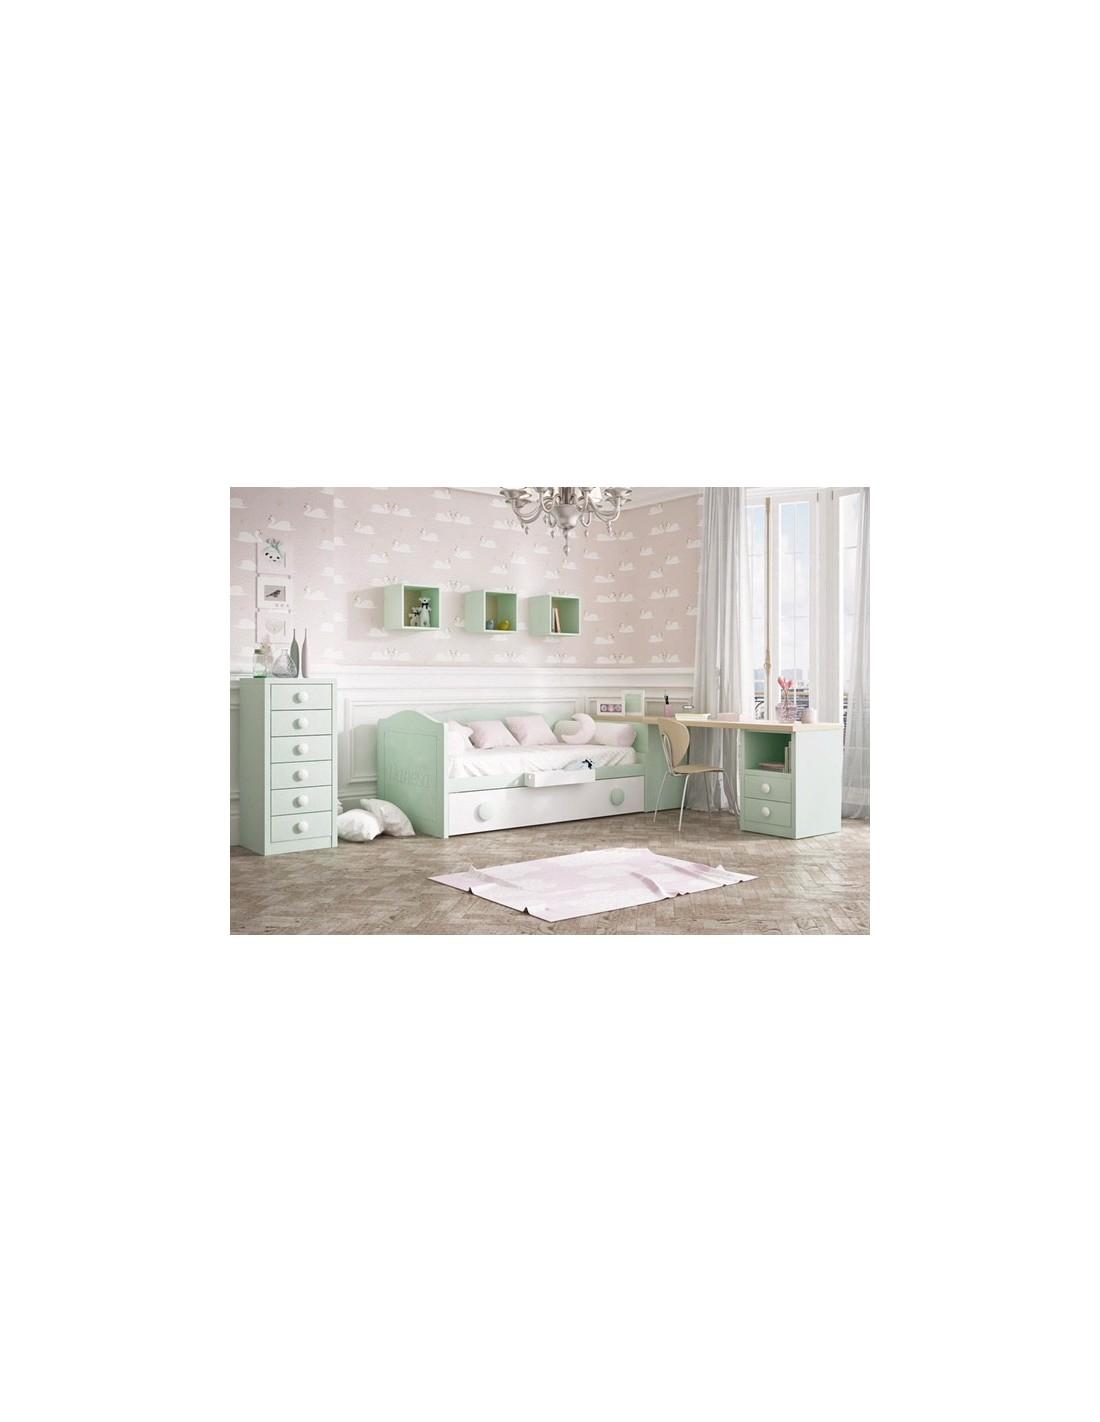 Dormitorio Juvenil La Moraleja Madrid 551 - 23.